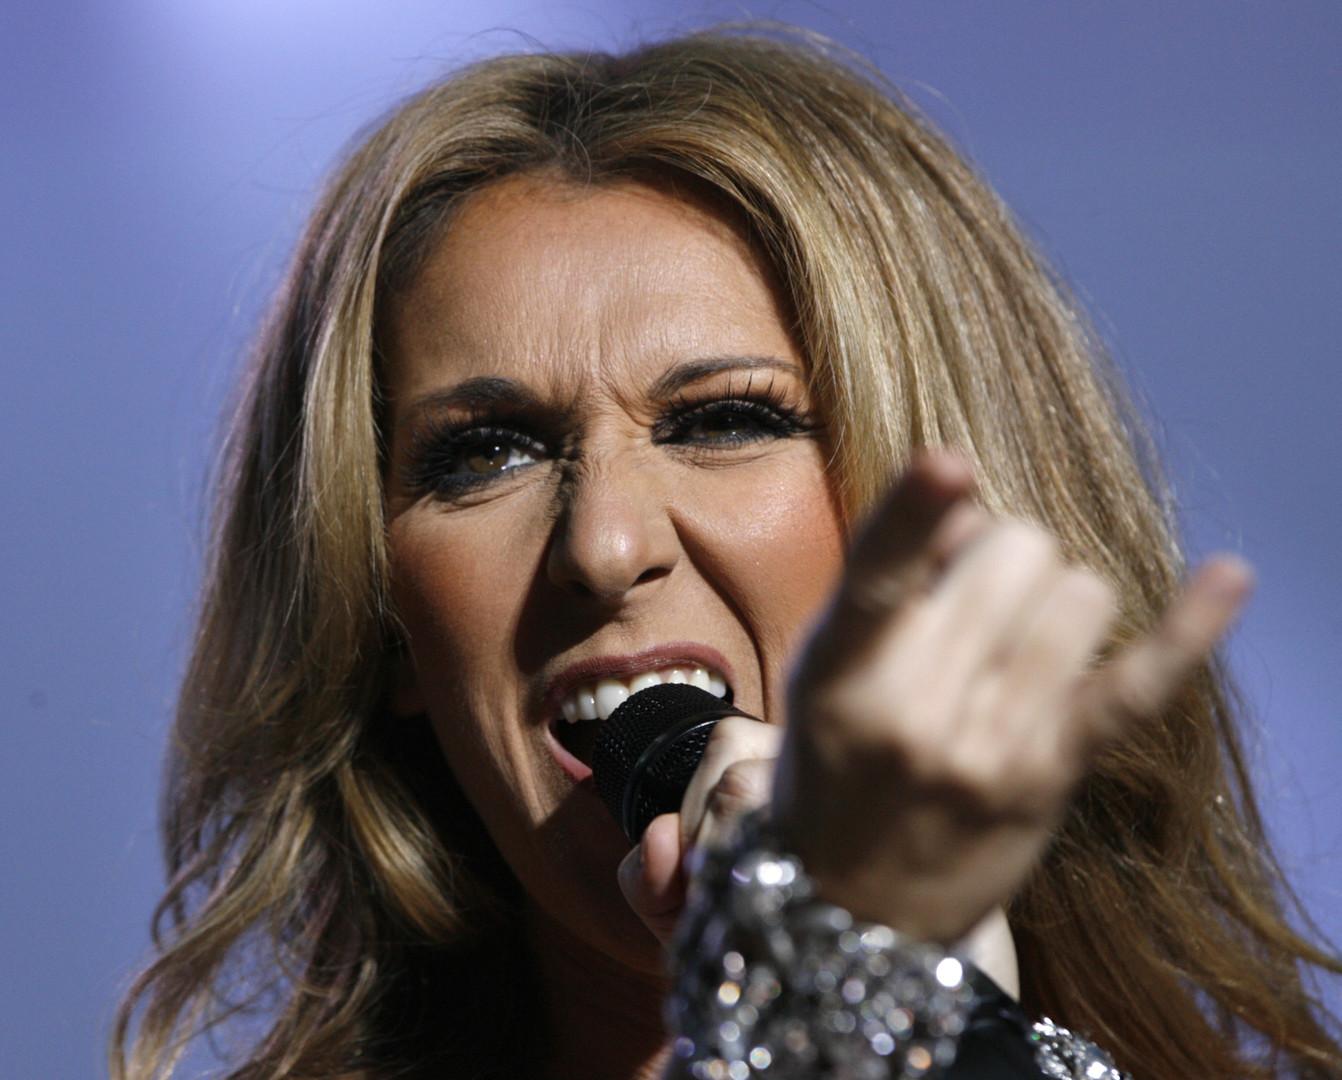 Die kanadische Sängerin Céline Dion hat es auch nach Überredungsversuchen des Hoteliers Steve Will aus Las Vegas abgelehnt, an den Feierlichkeiten teilzunehmen, berichtet die Webseite TheWrap.